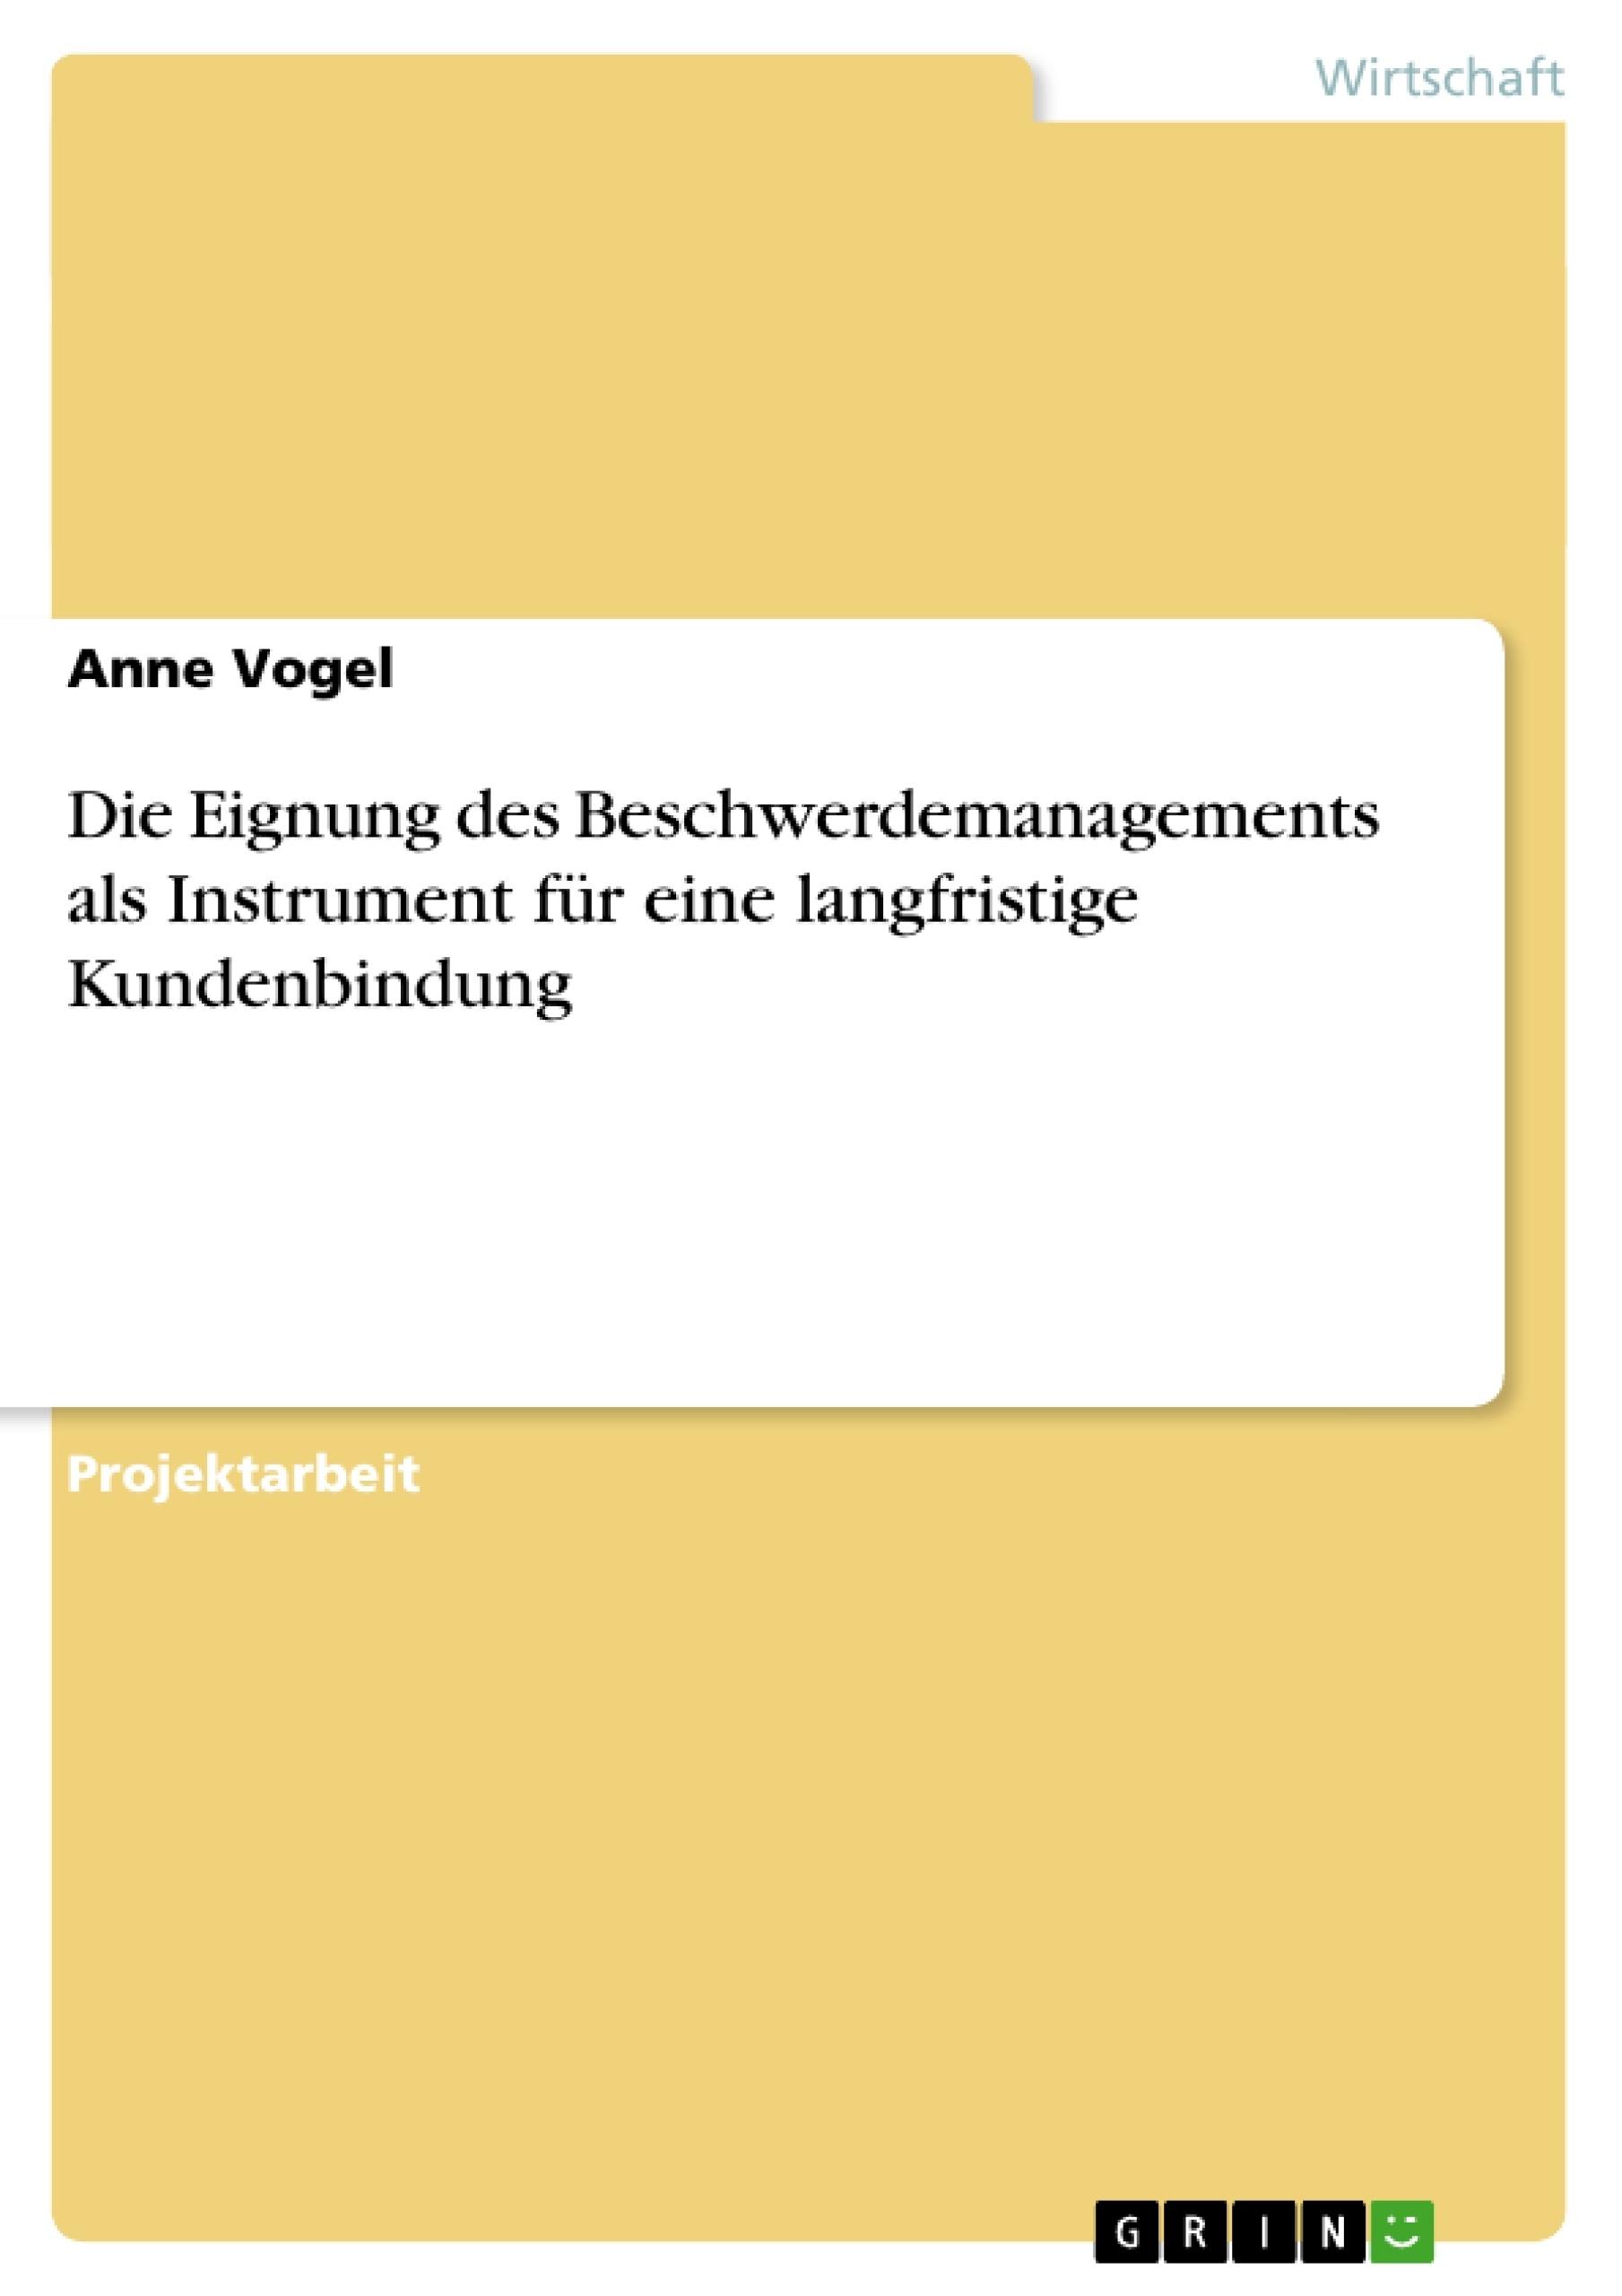 Titel: Die Eignung des Beschwerdemanagements als Instrument für eine langfristige Kundenbindung